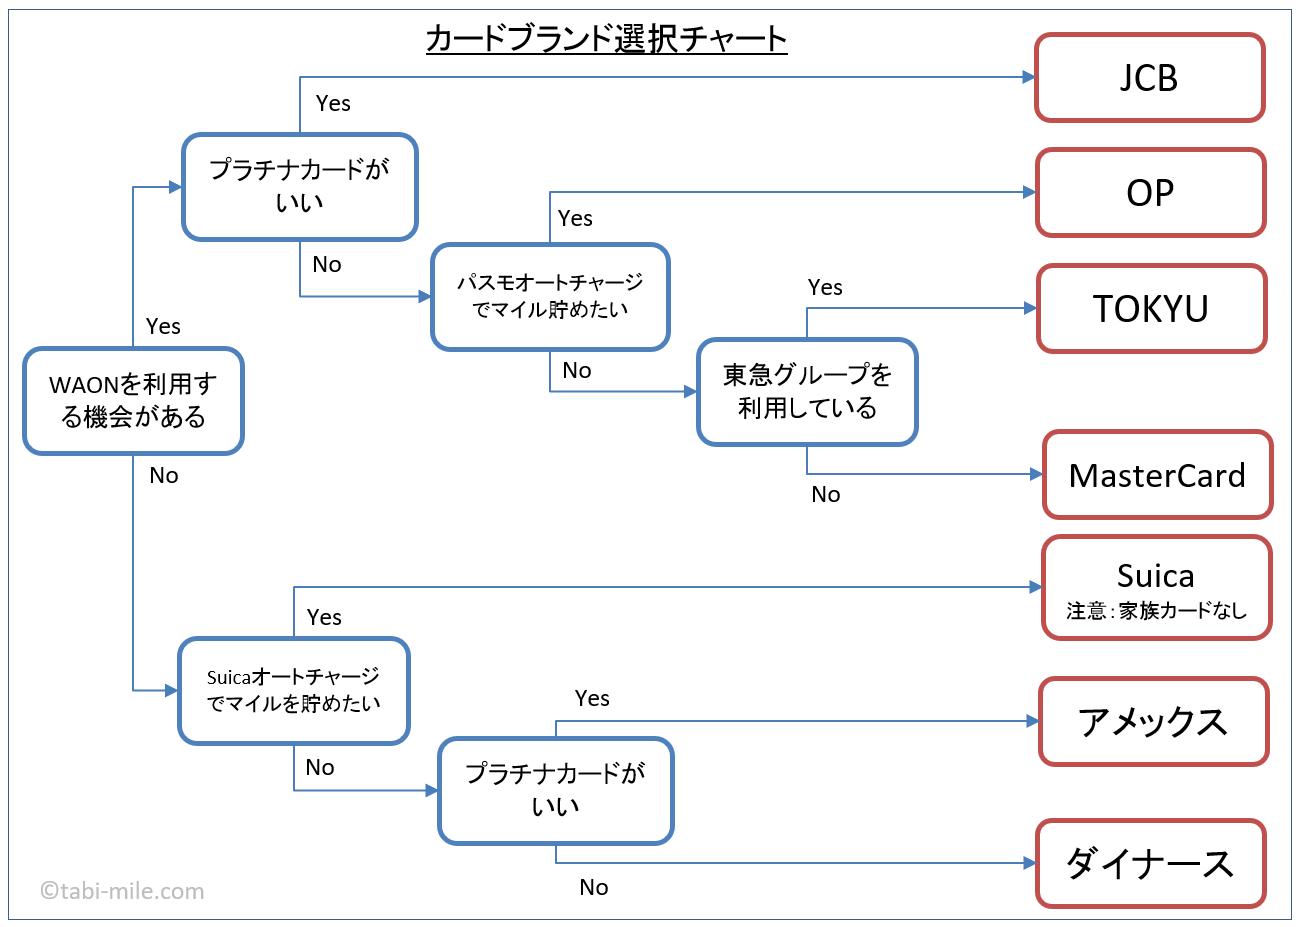 JALカードブランド選択チャート